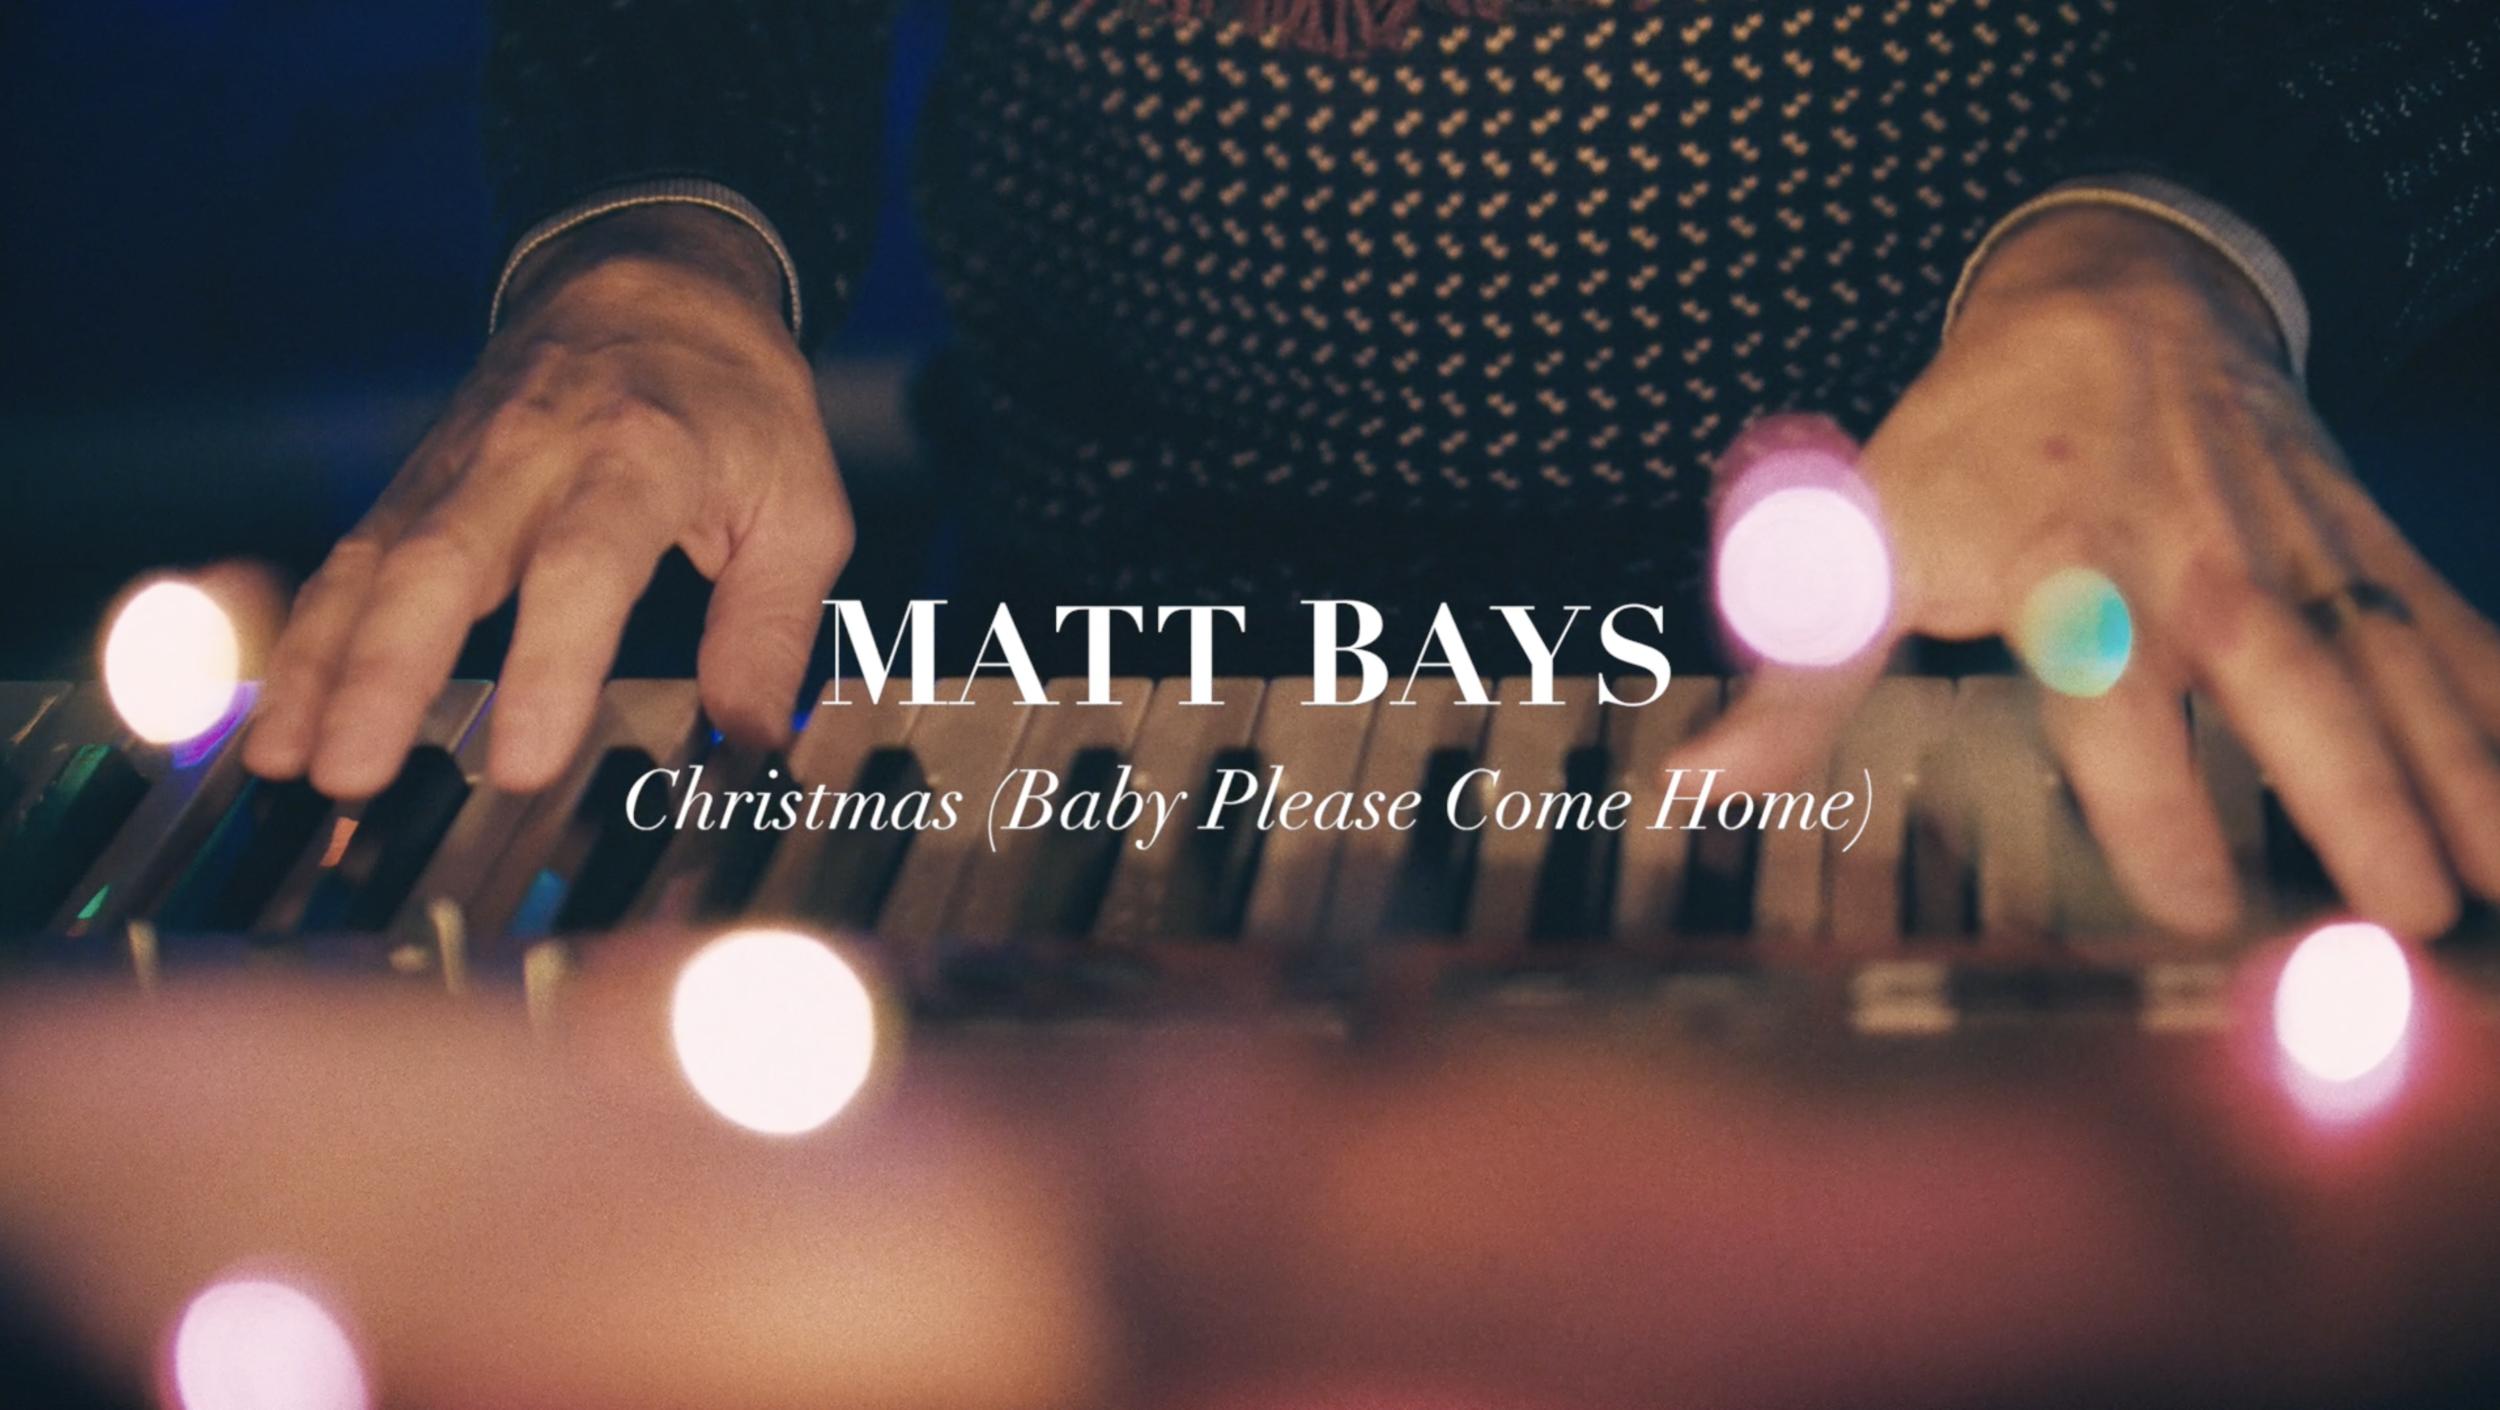 Matt Bays Frames - 1.jpg